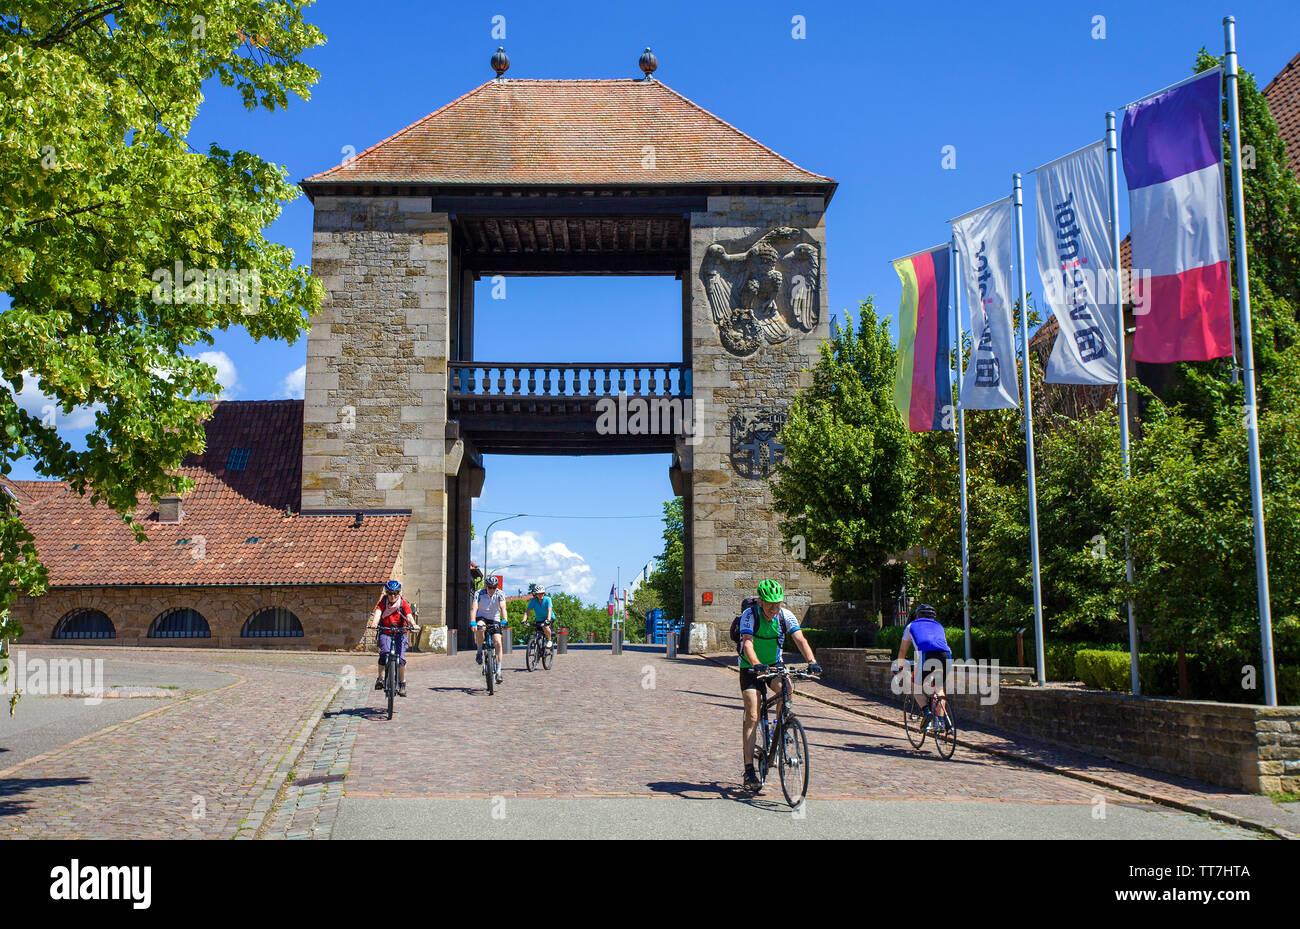 Cyclist at the German Wine Gate (german: Deutsches Weintor), beginning of the German Wine Route, Schweigen-Rechtenbach, Rhineland-Palatinate, Germany - Stock Image